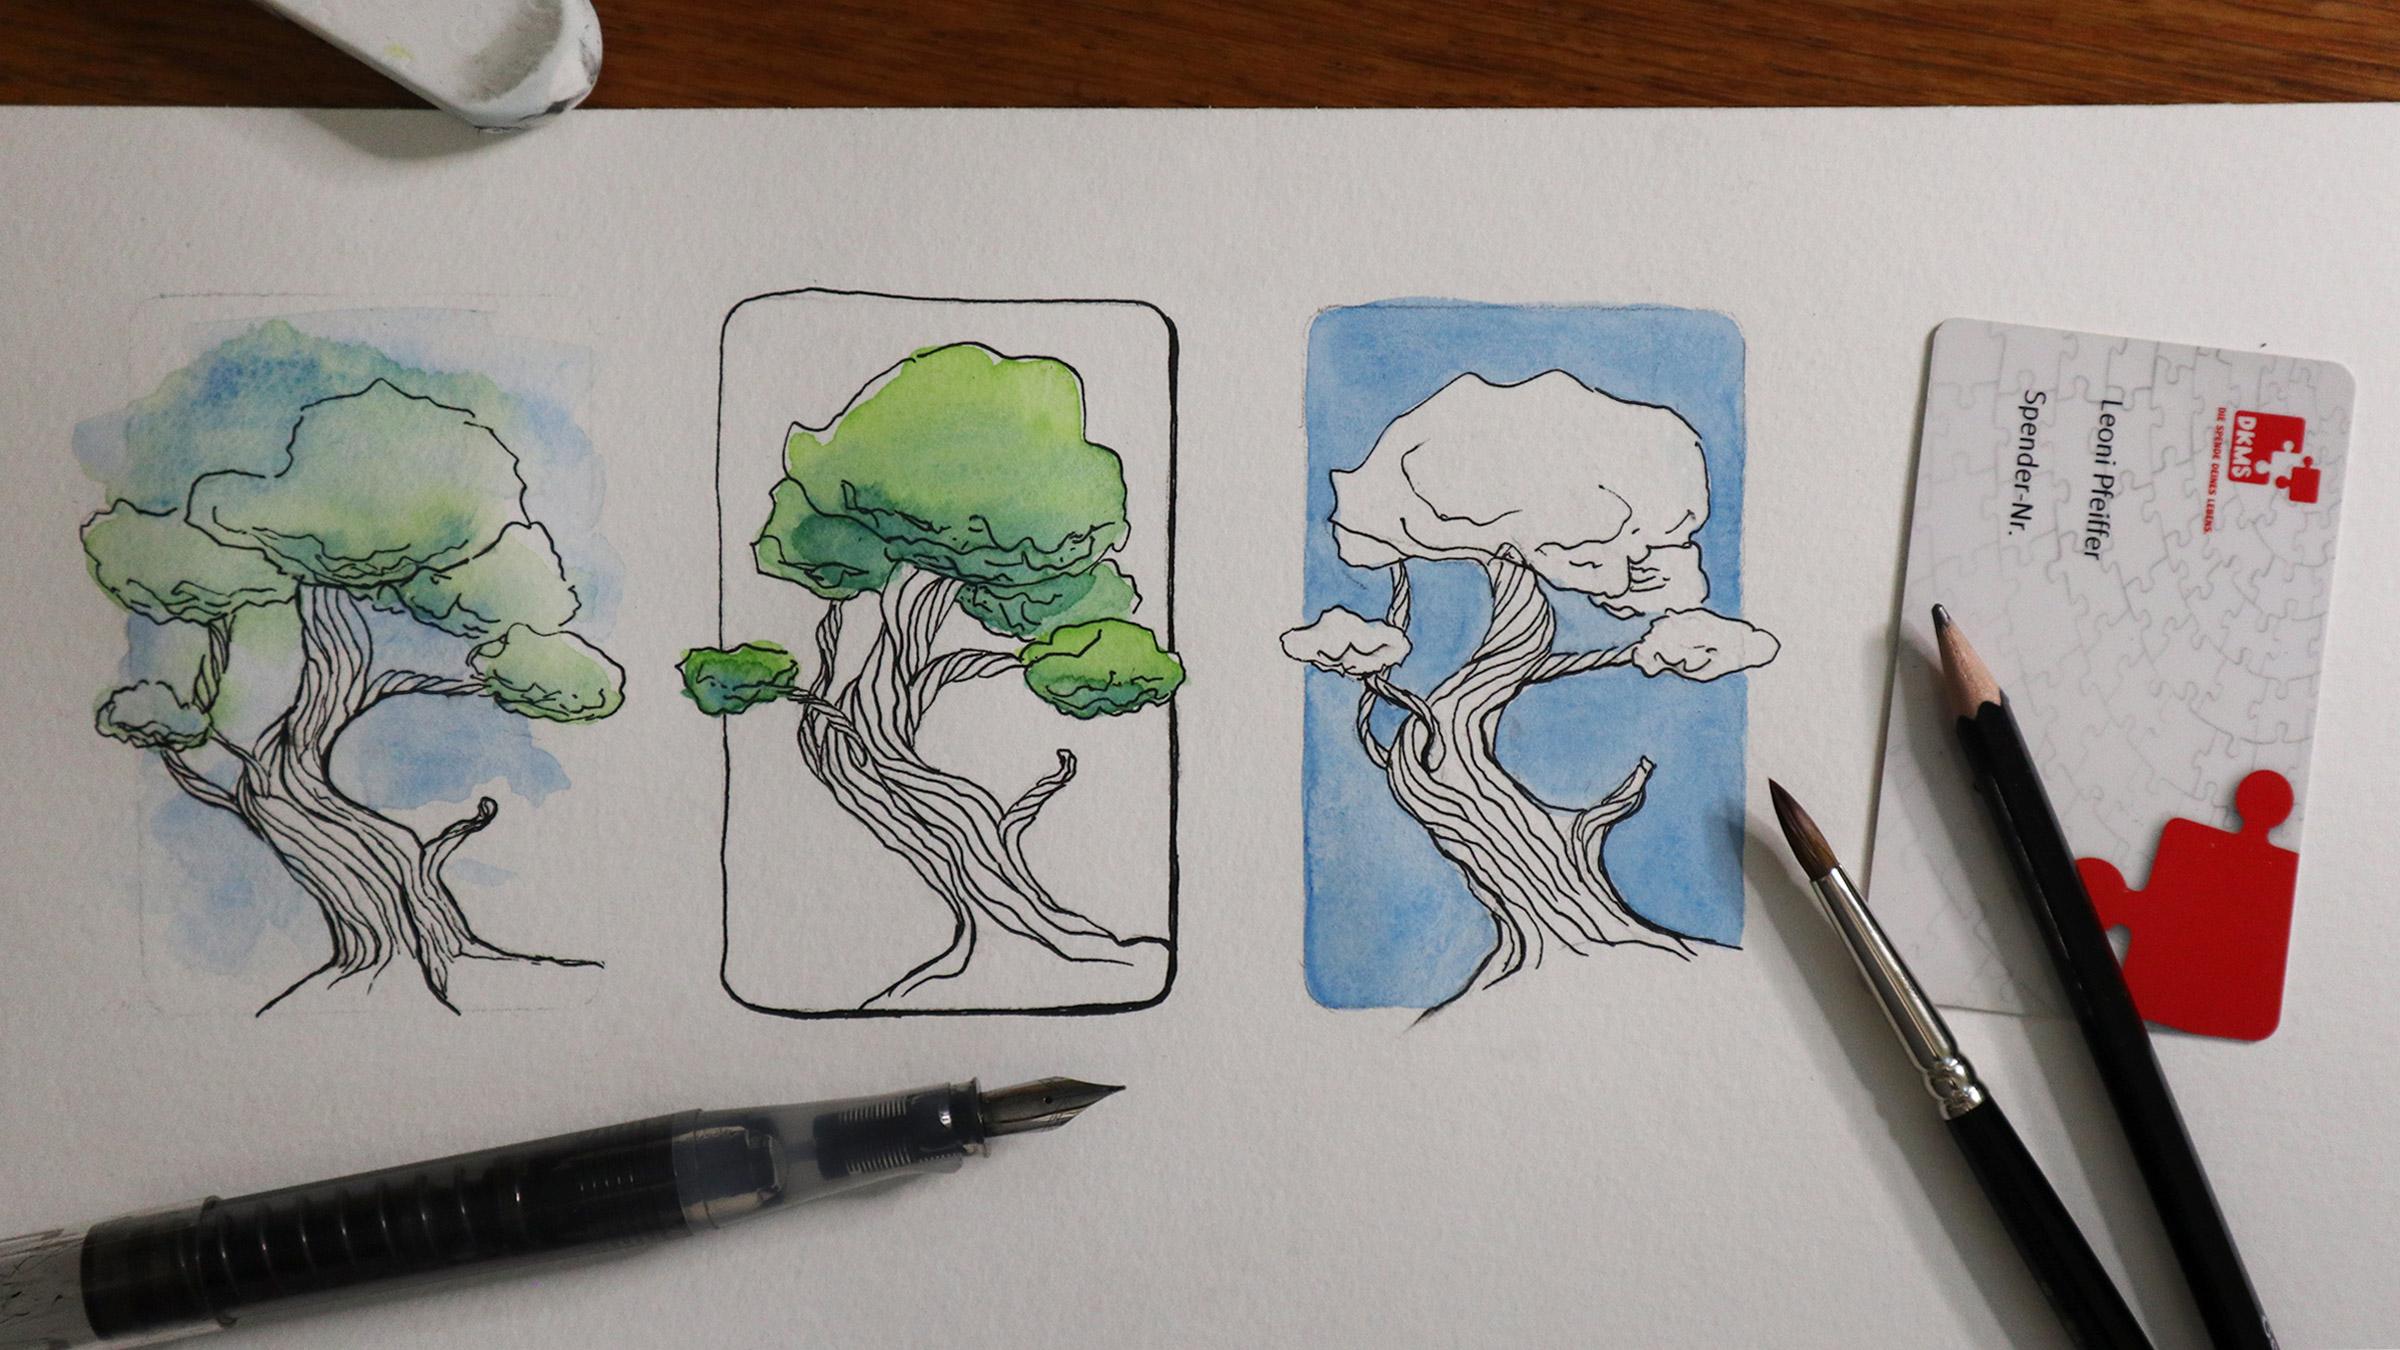 Beispiele für kleine Zeichnungen im Kreditkartenformat.